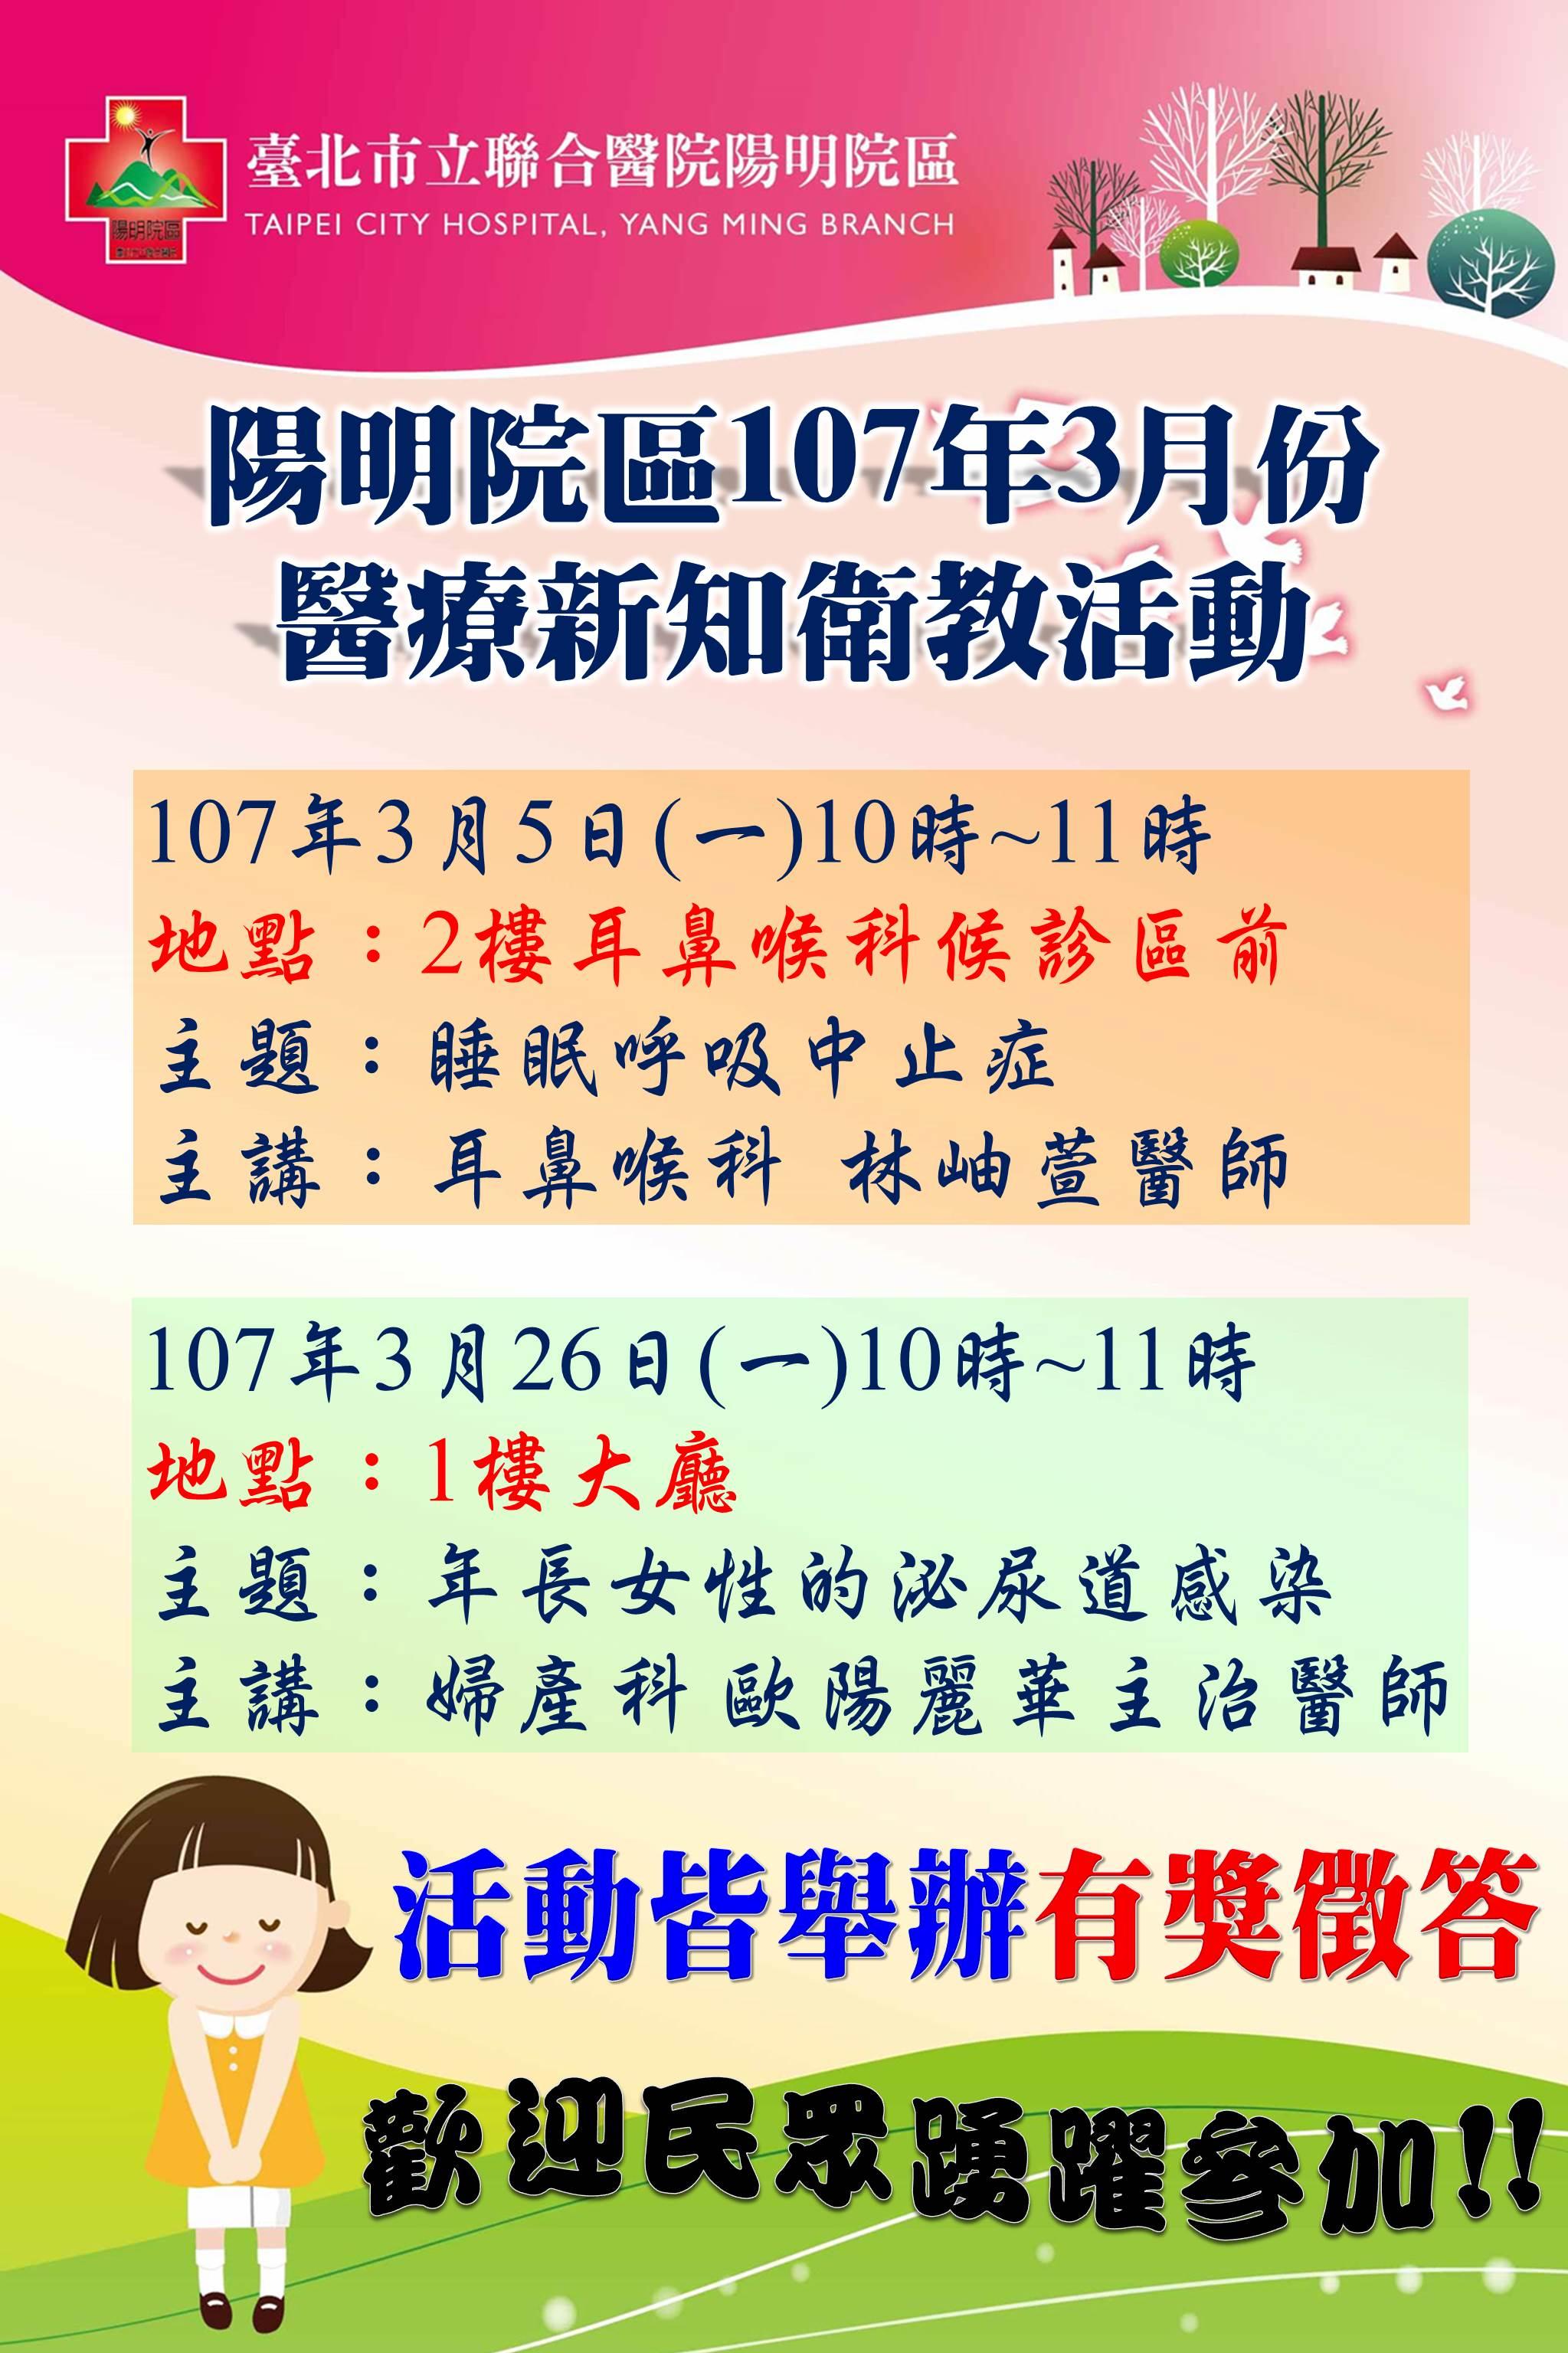 10703醫療新知活動_海報看板